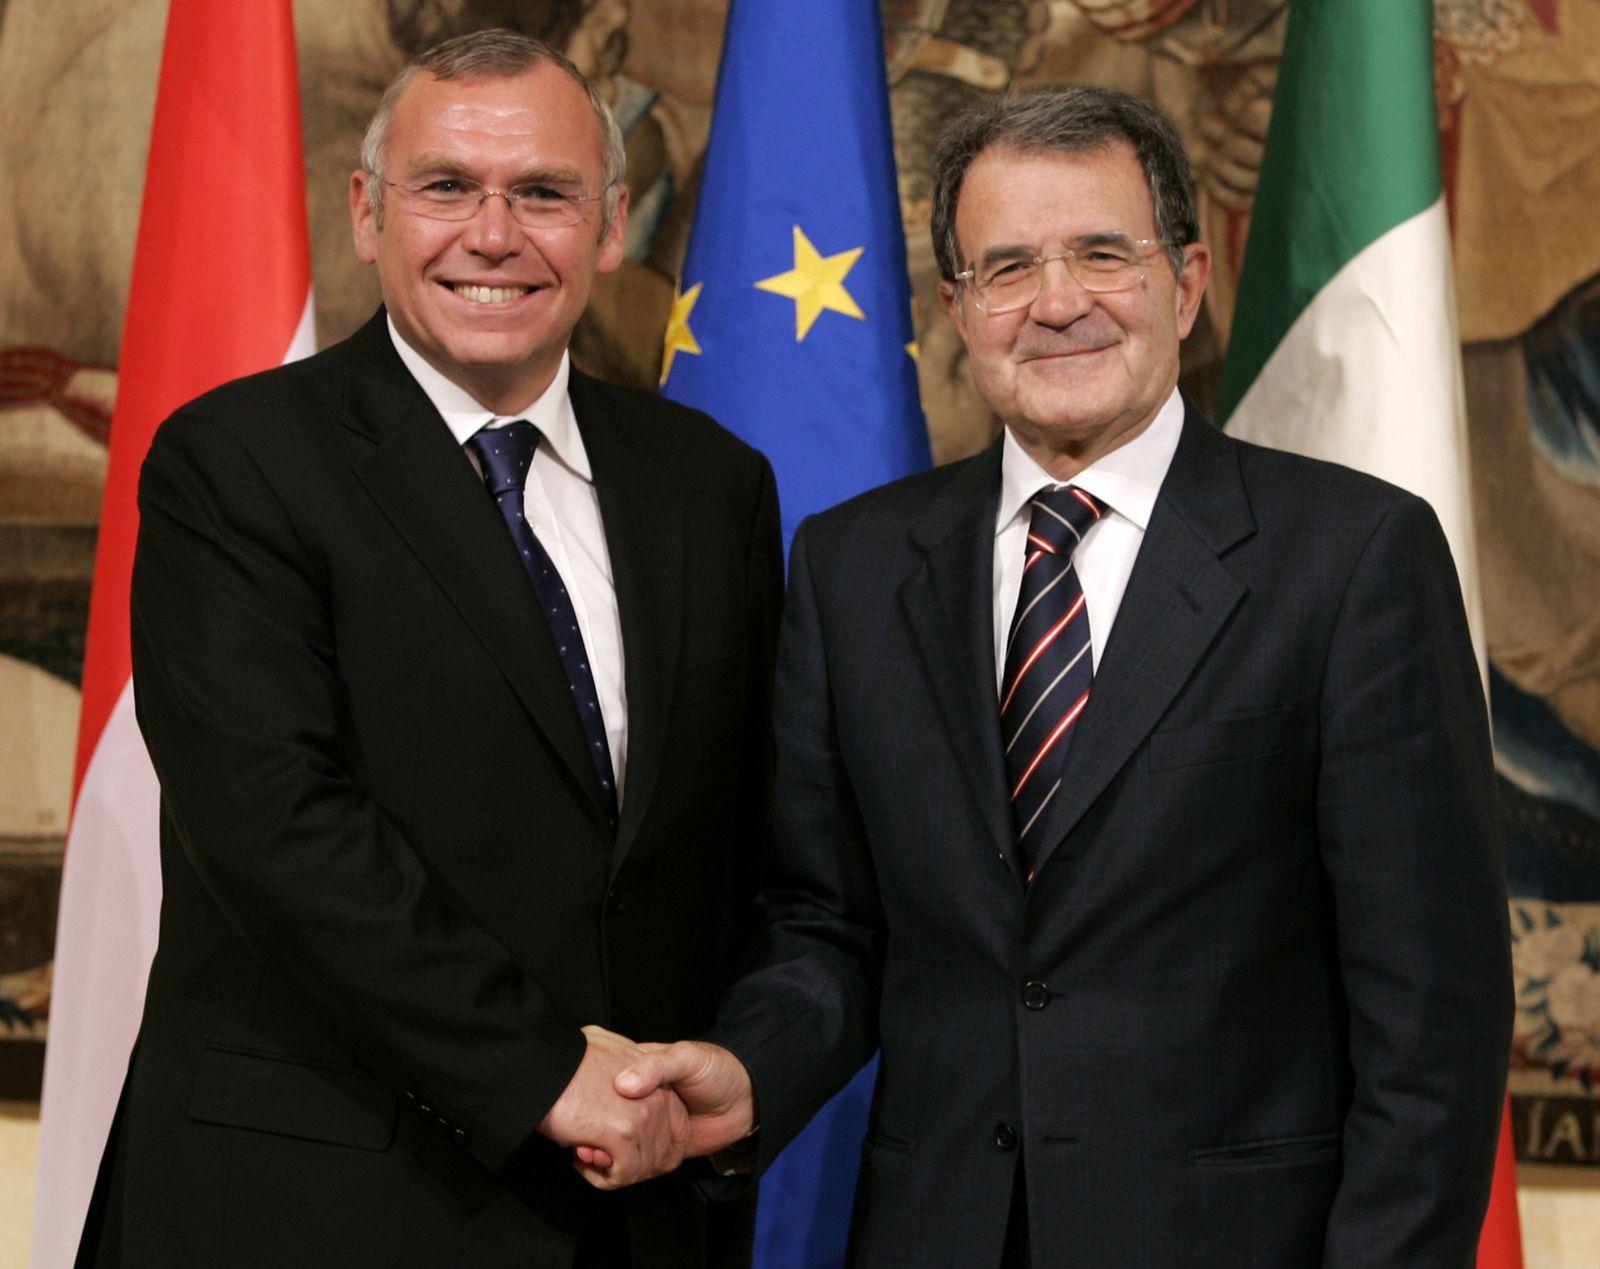 Alfred Gusenbauer/ Romano Prodi